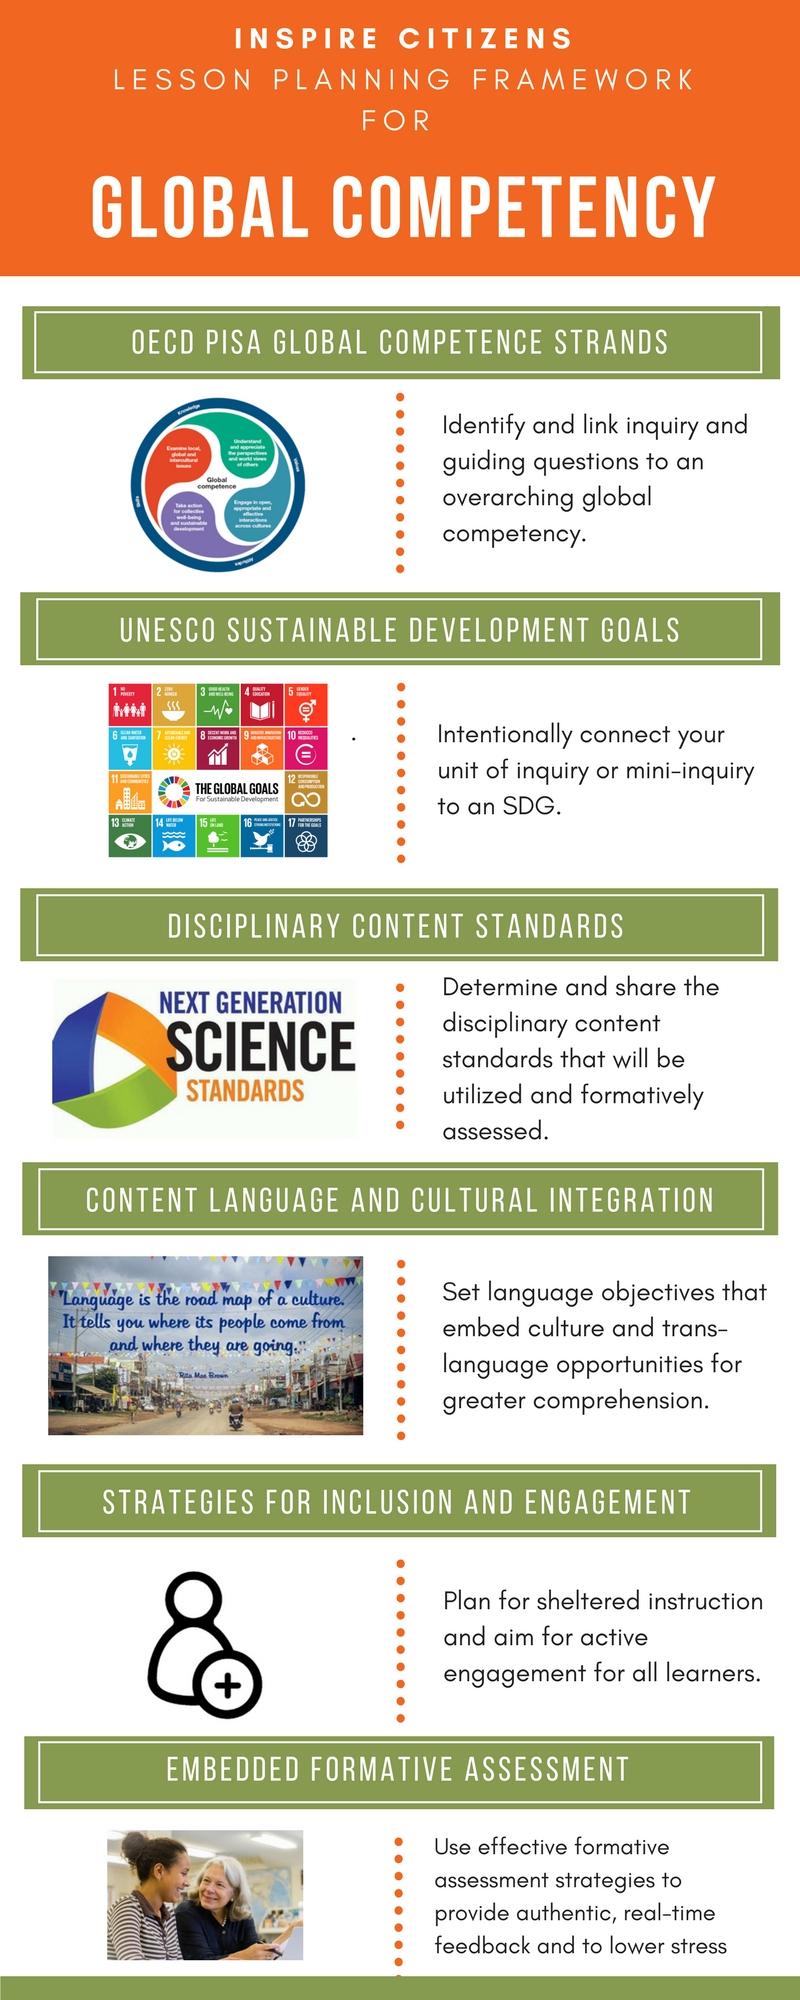 Global Competency Lesson Framework.jpg